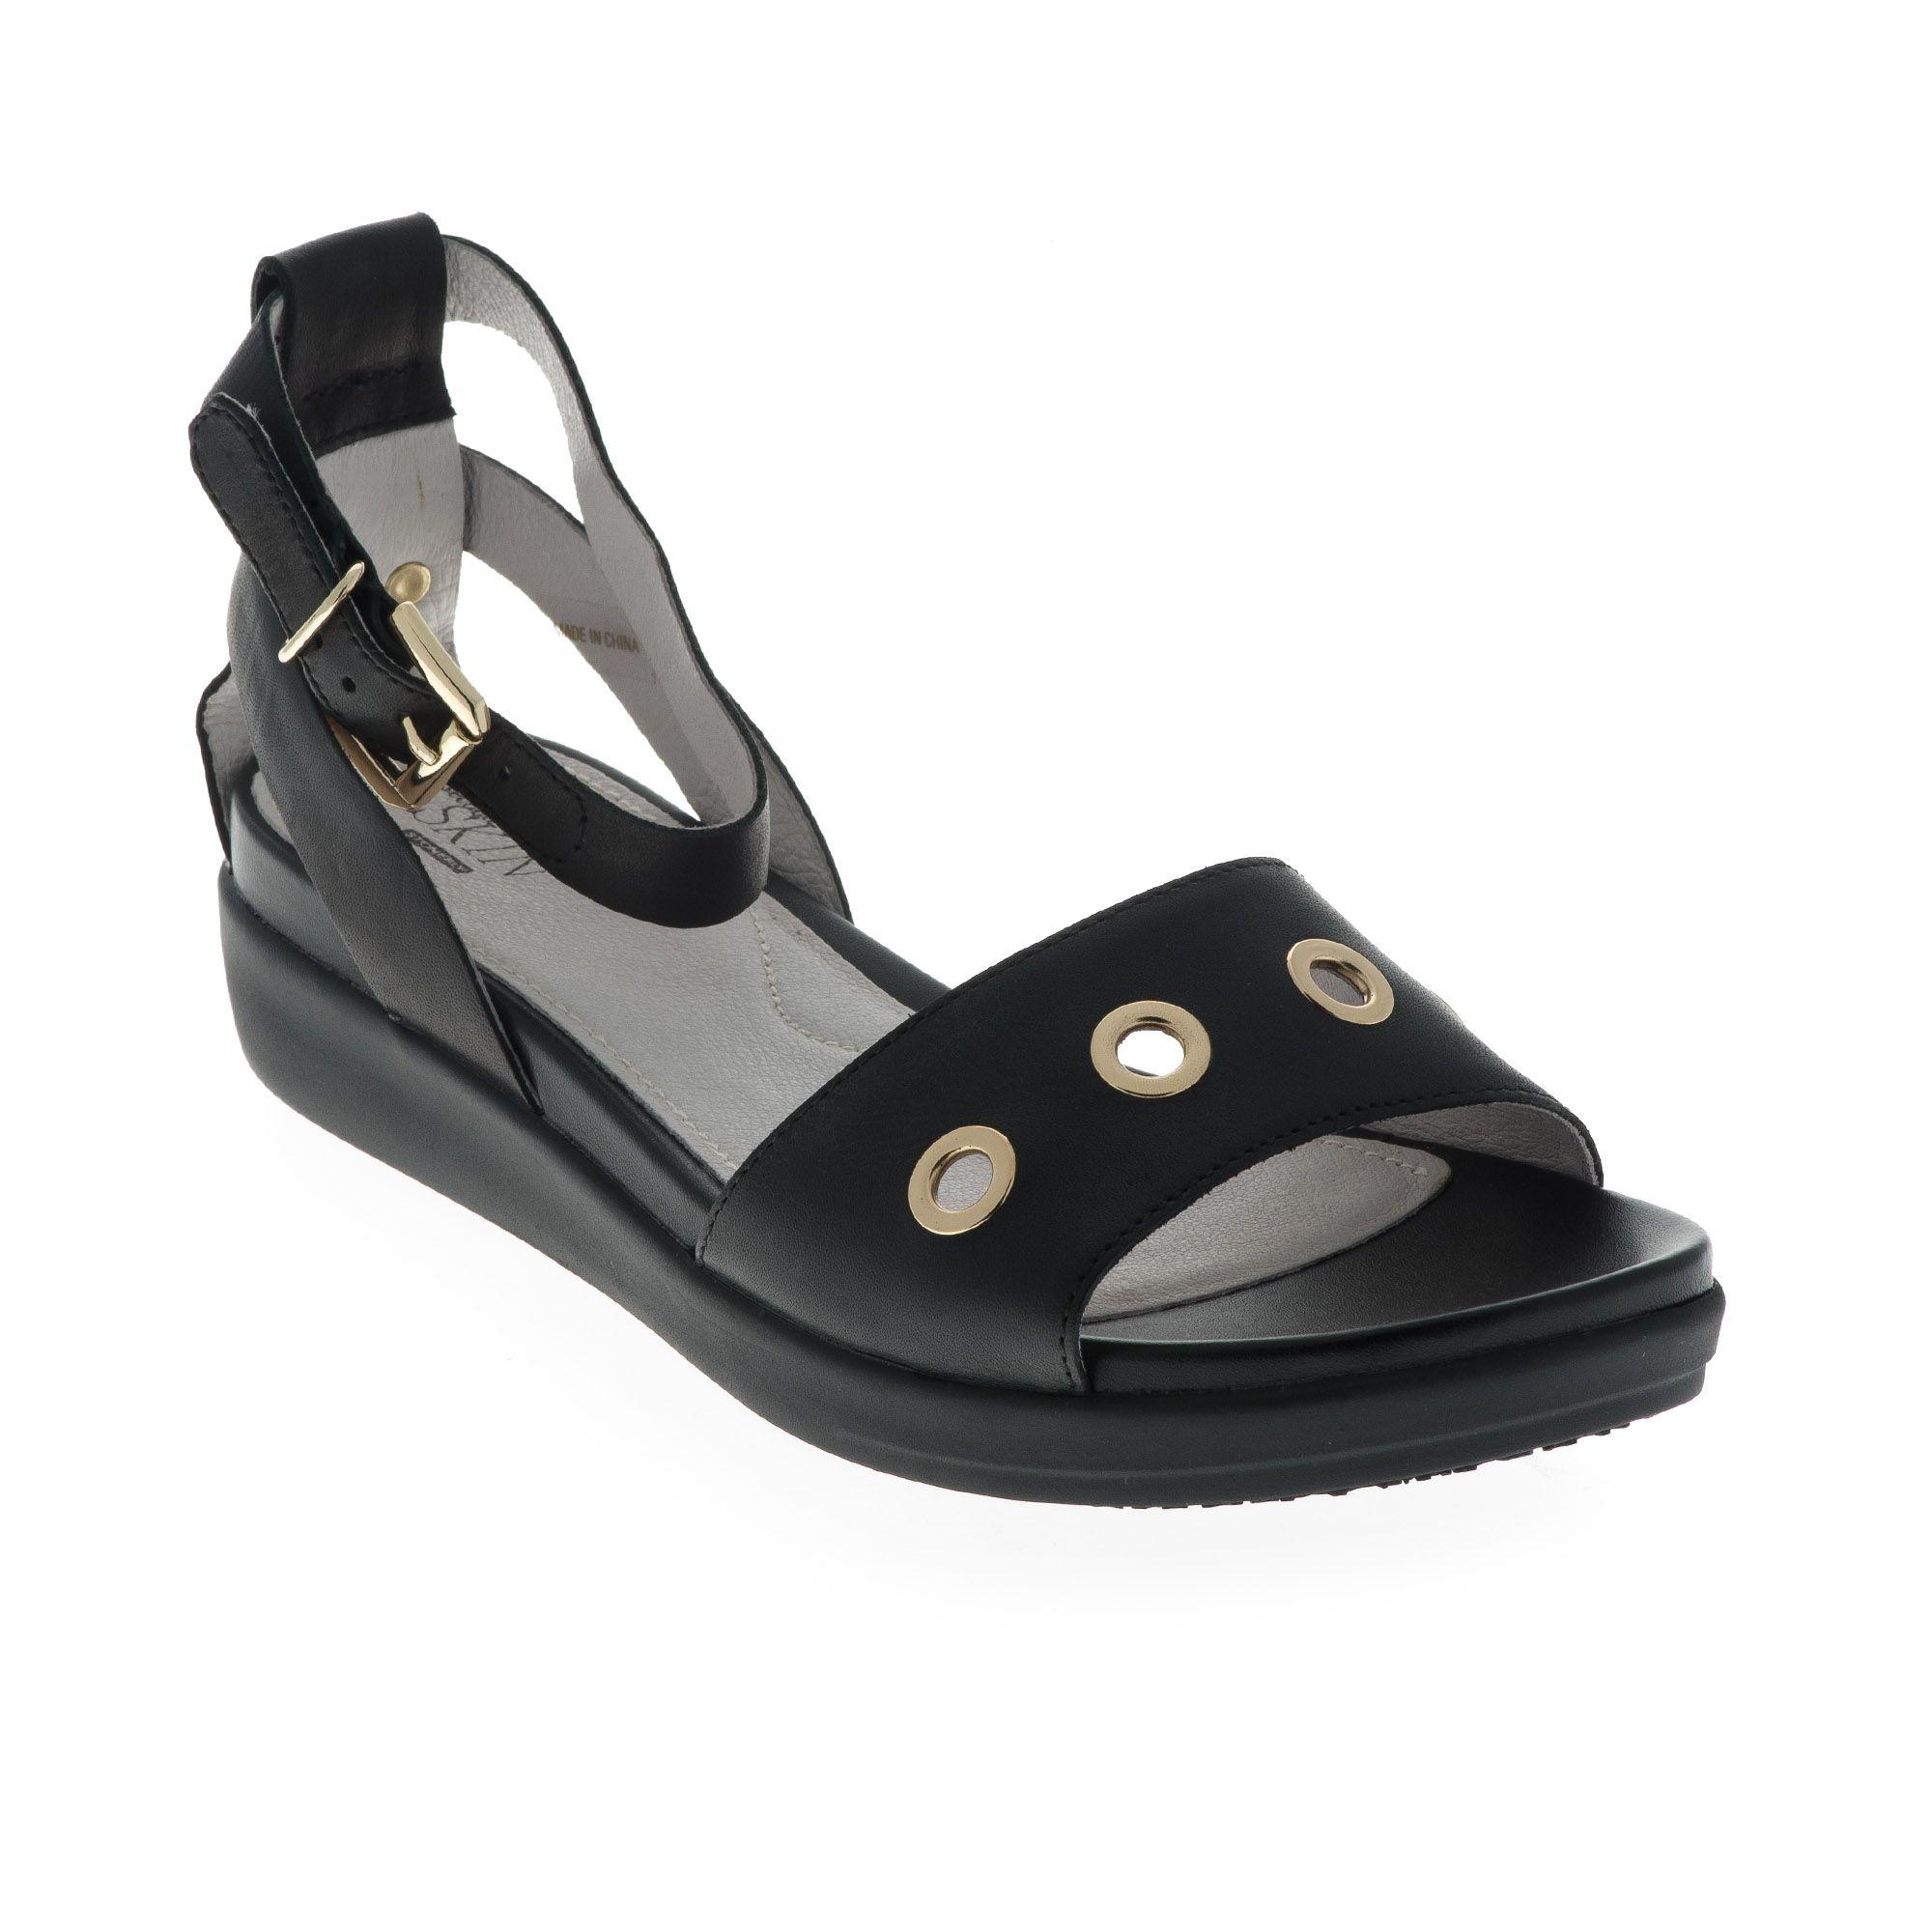 Sandalo in pelle con occhielli e zeppa 4cm